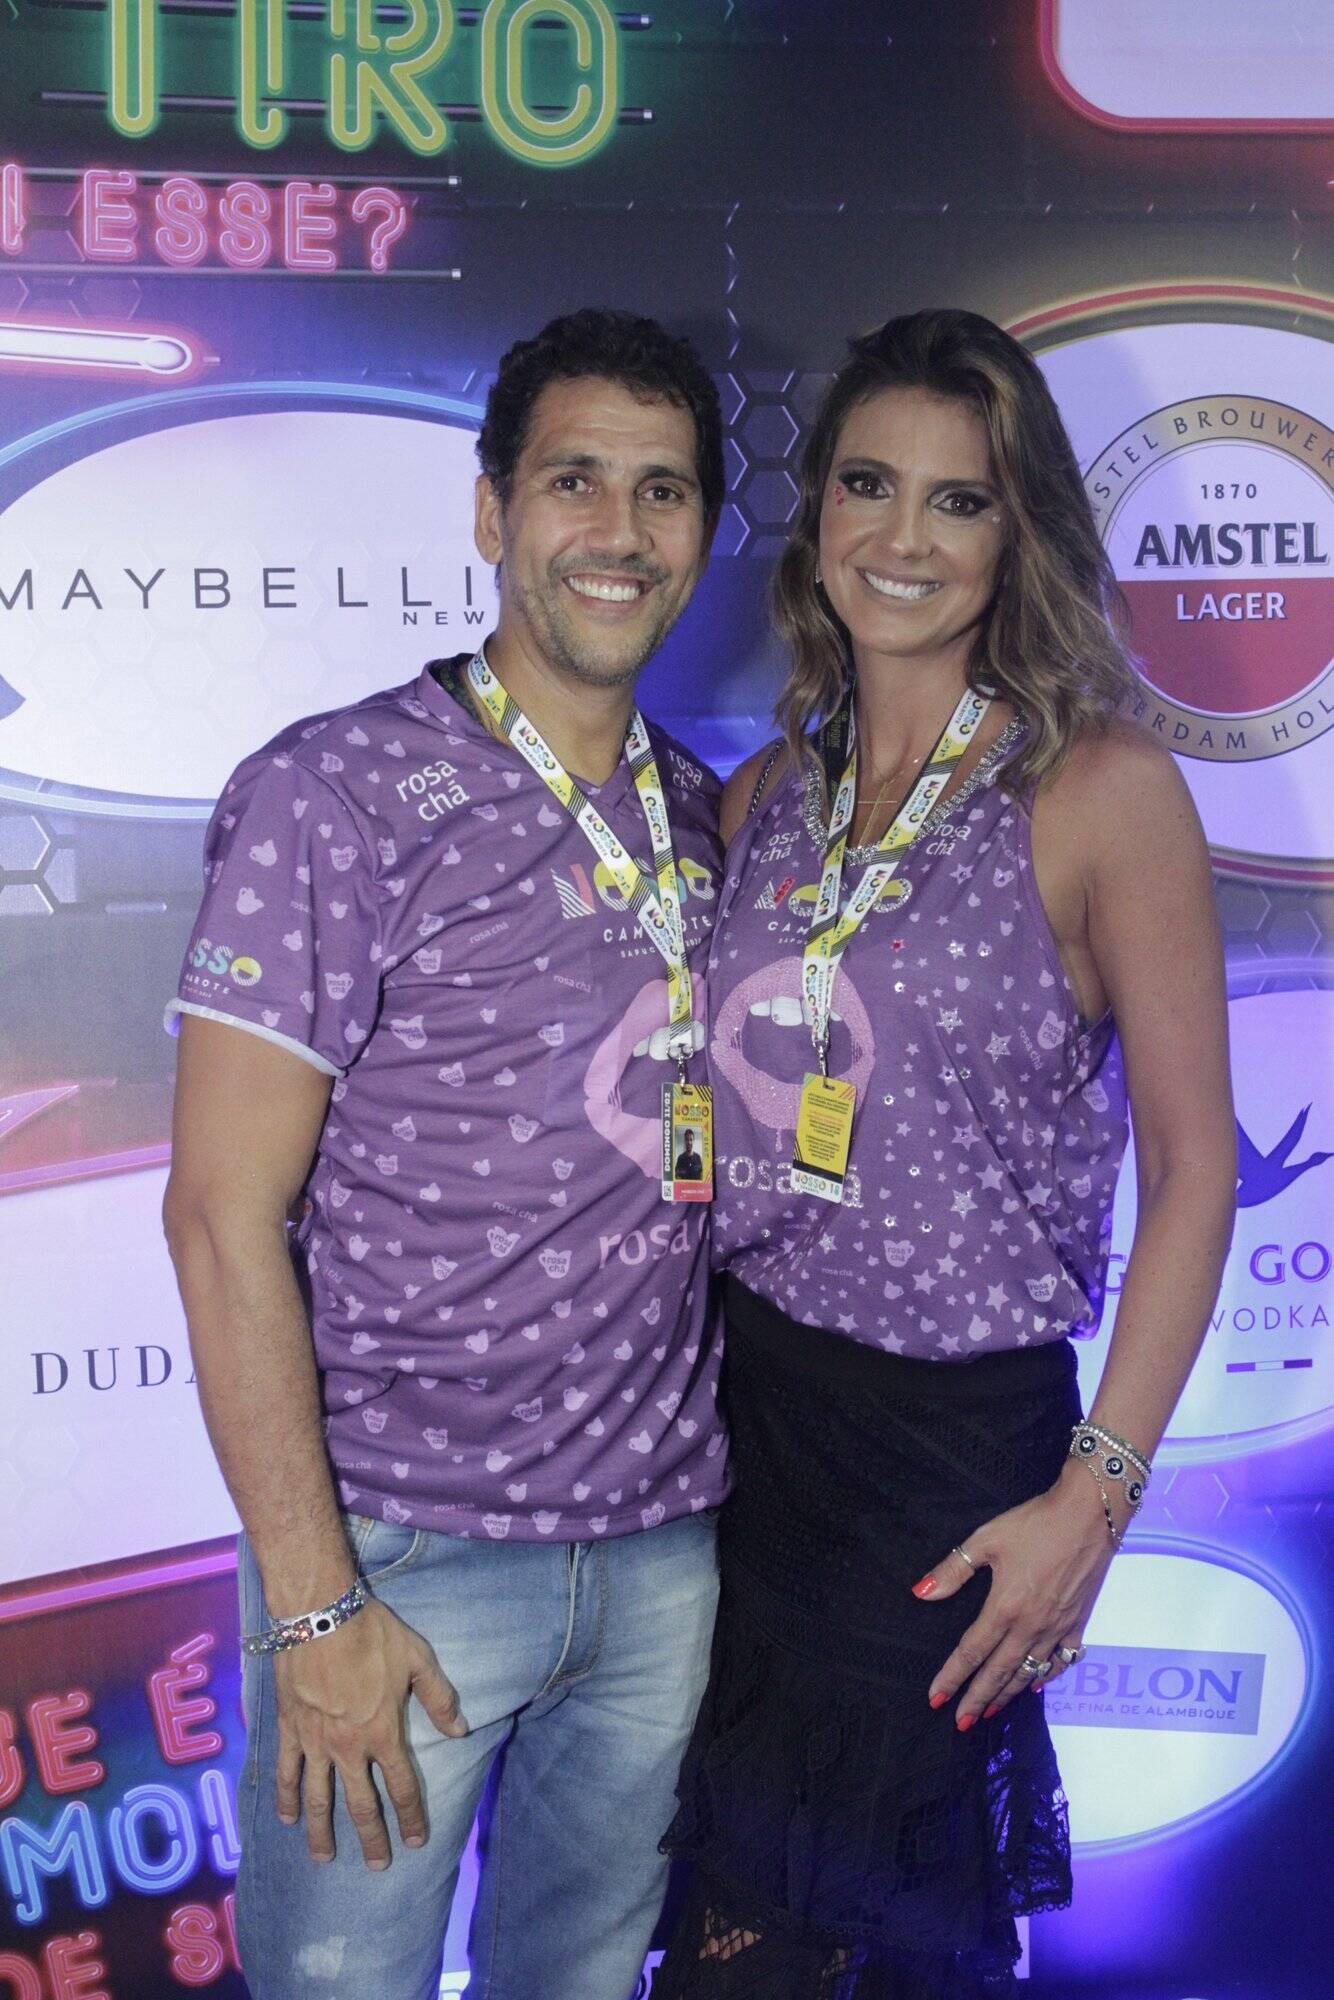 Maurício Lima e a esposa Roberta Lima na noite de desfiles do Grupo Especial do Rio, no último domingo (11). Foto: RT Fotografia/Brazil News/CS Eventos Divulgacao